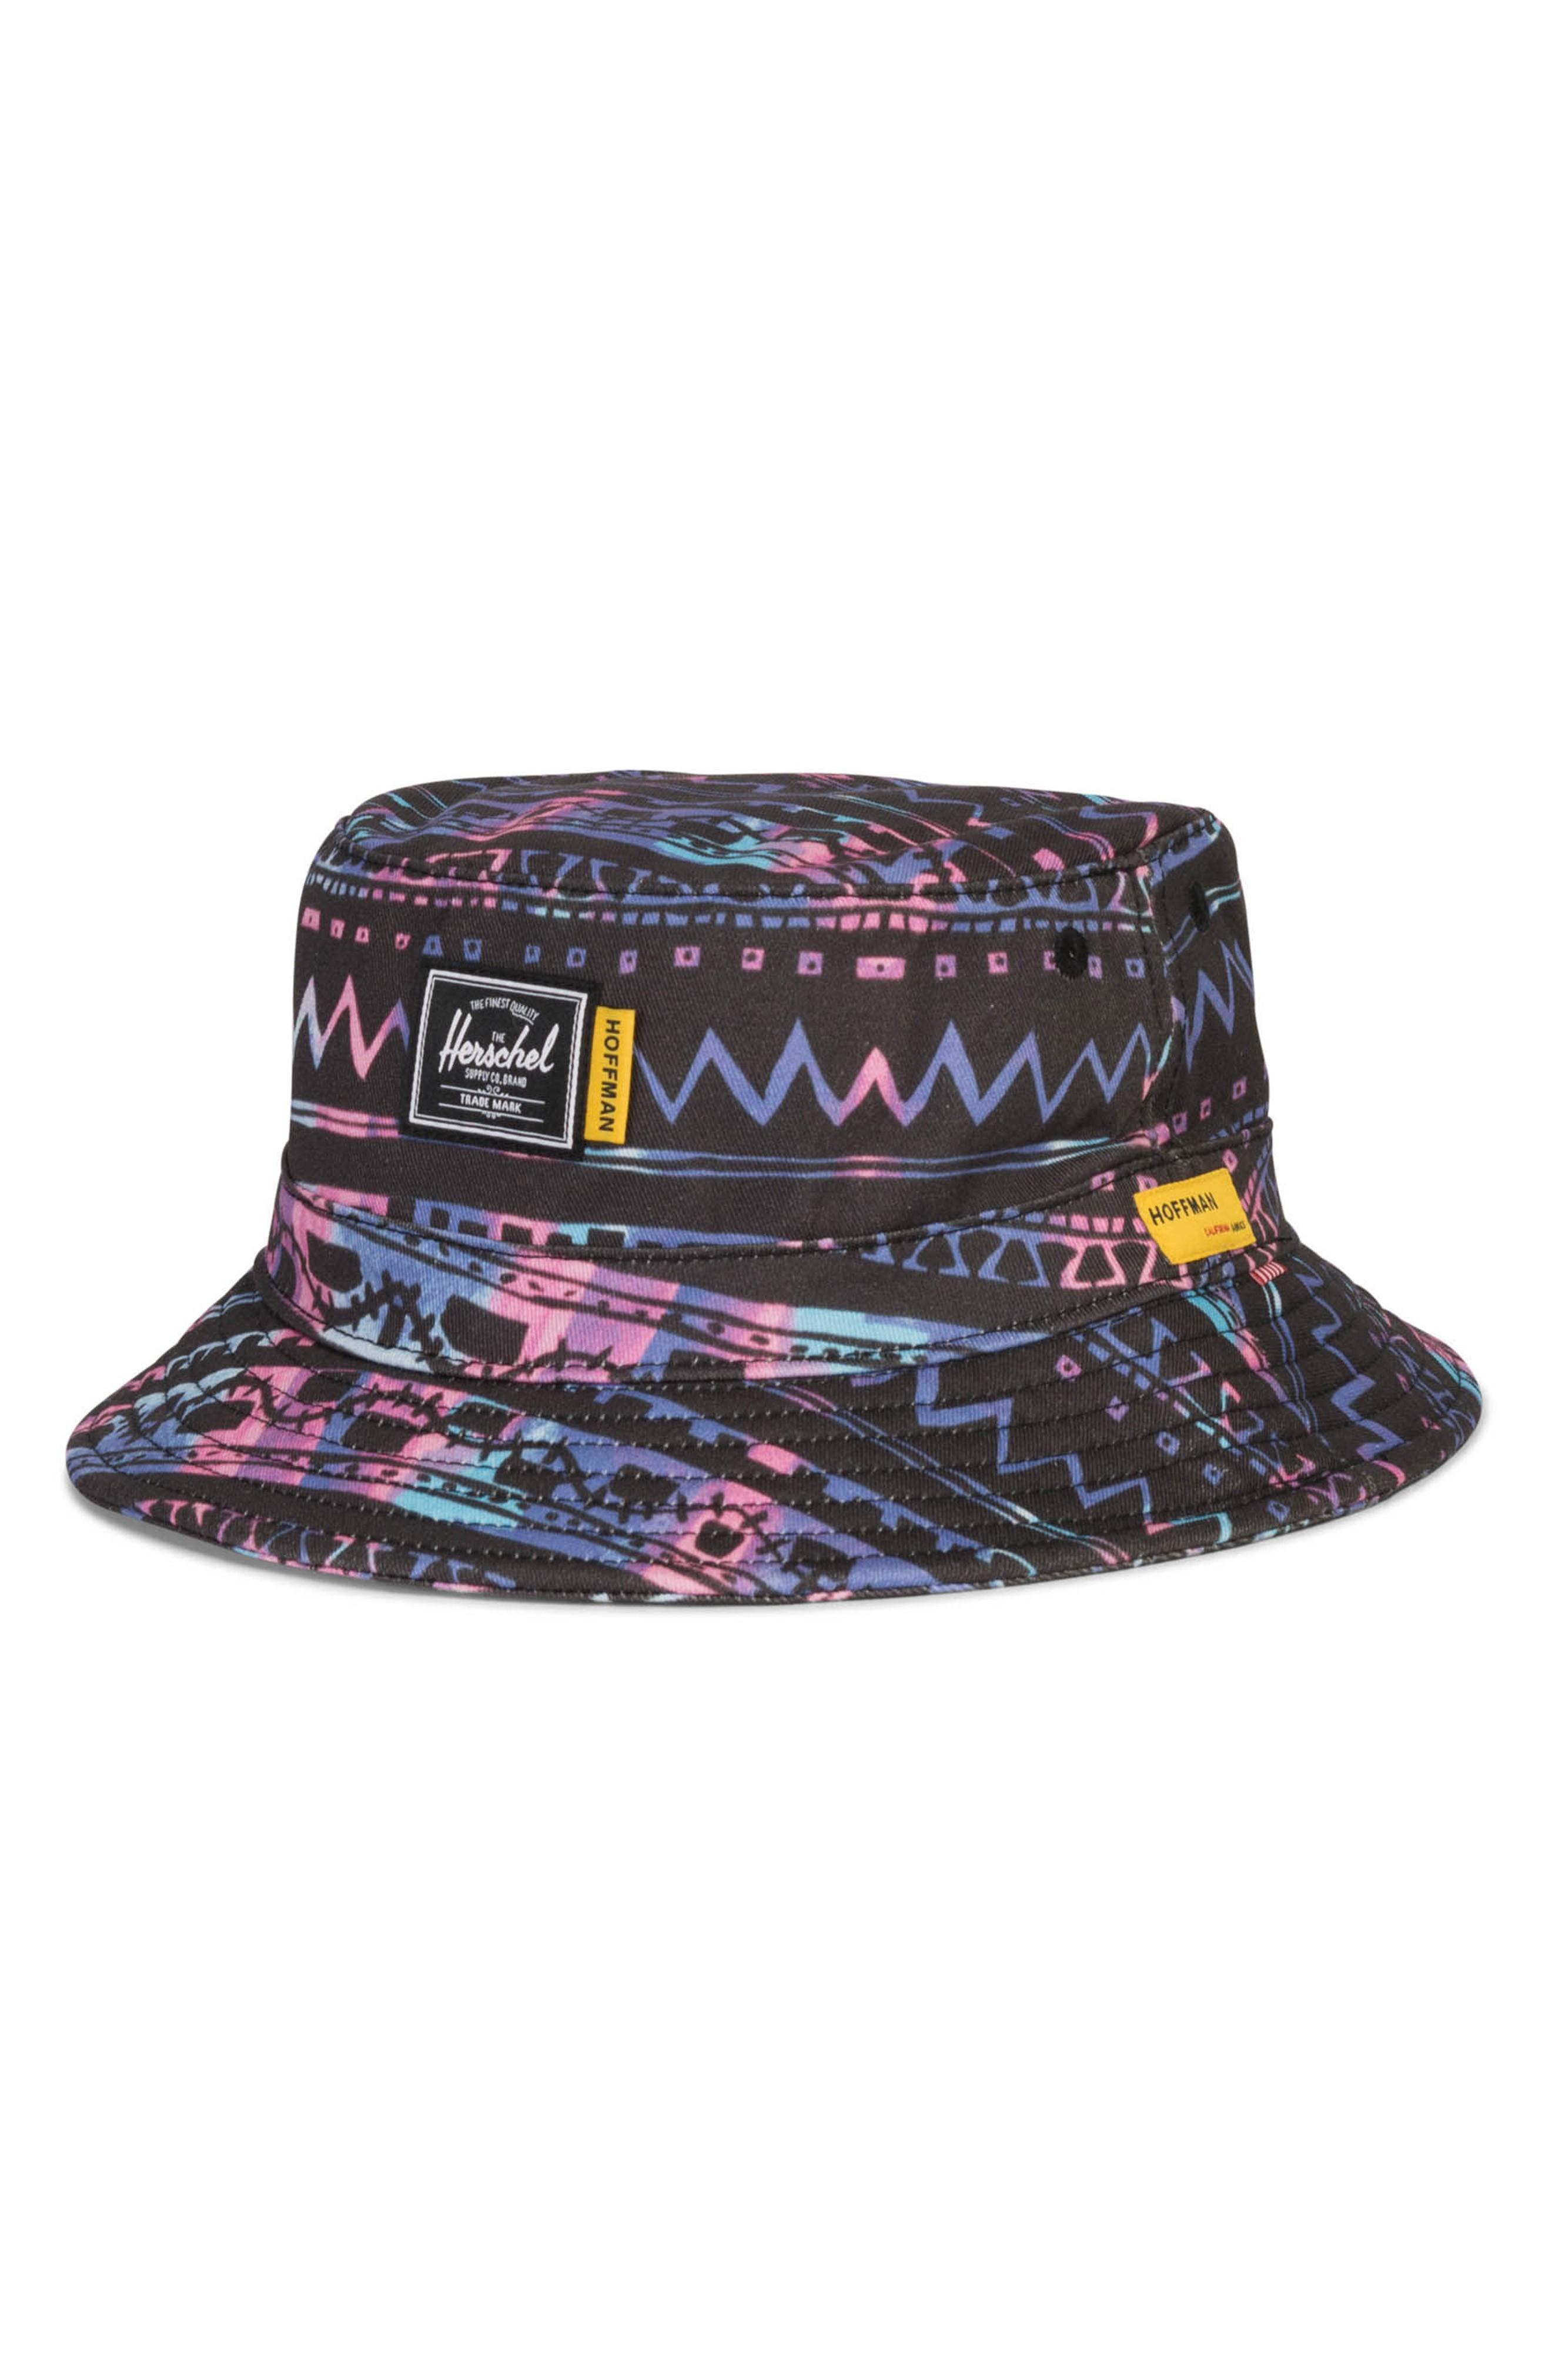 official photos 1f0d1 64cd6 Herschel Supply Co. Hoffman Bucket Hat In Zig Zag Blue